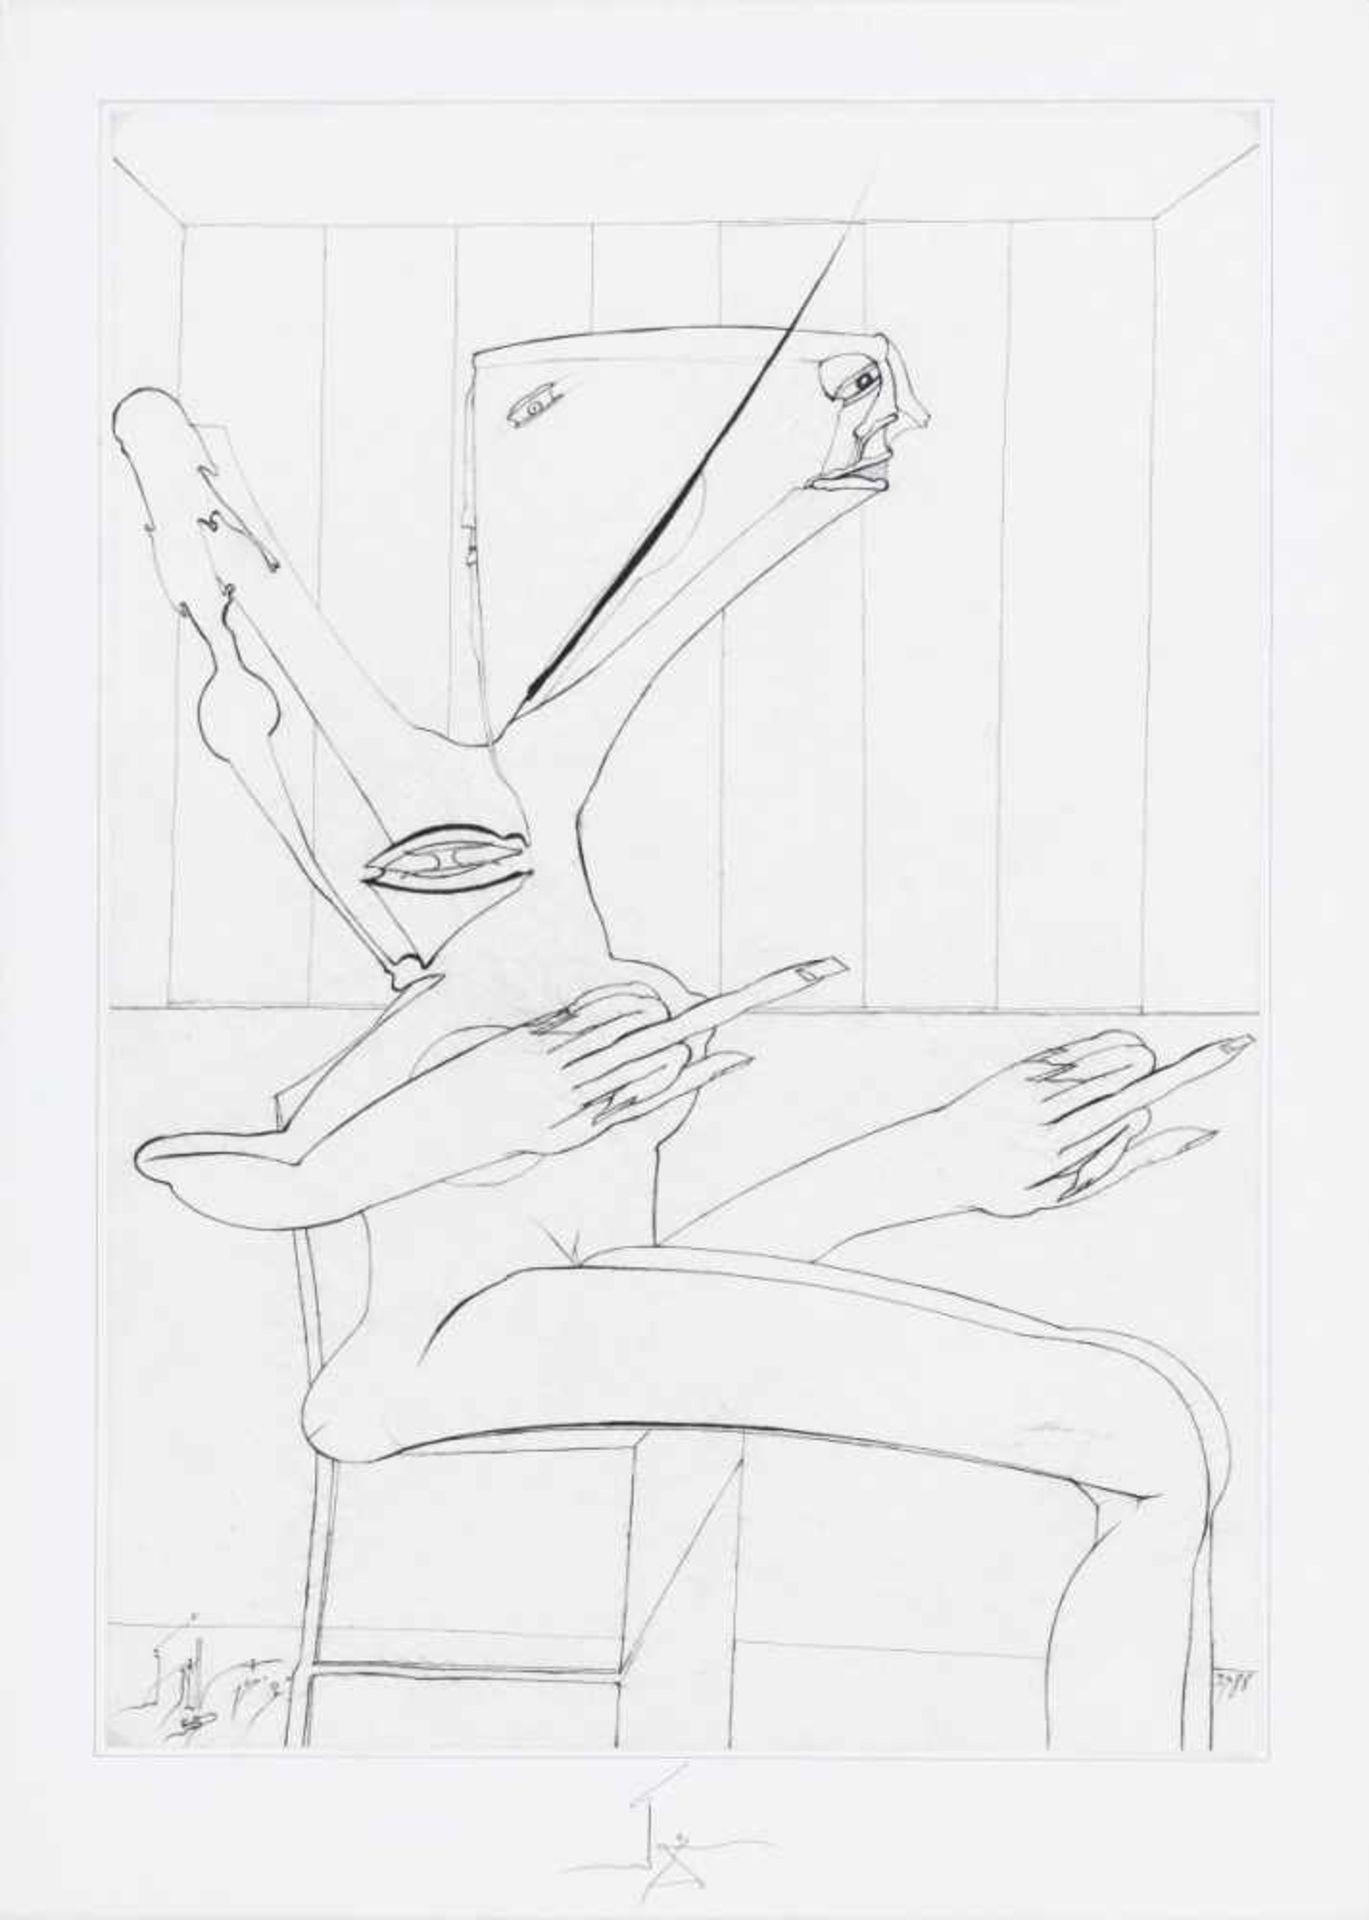 JOHANN JASCHA(1942 METTMACH)o. T., 1988Graphit auf Papier, 60 x 42 cmmontiert auf Karton: 70 x 50